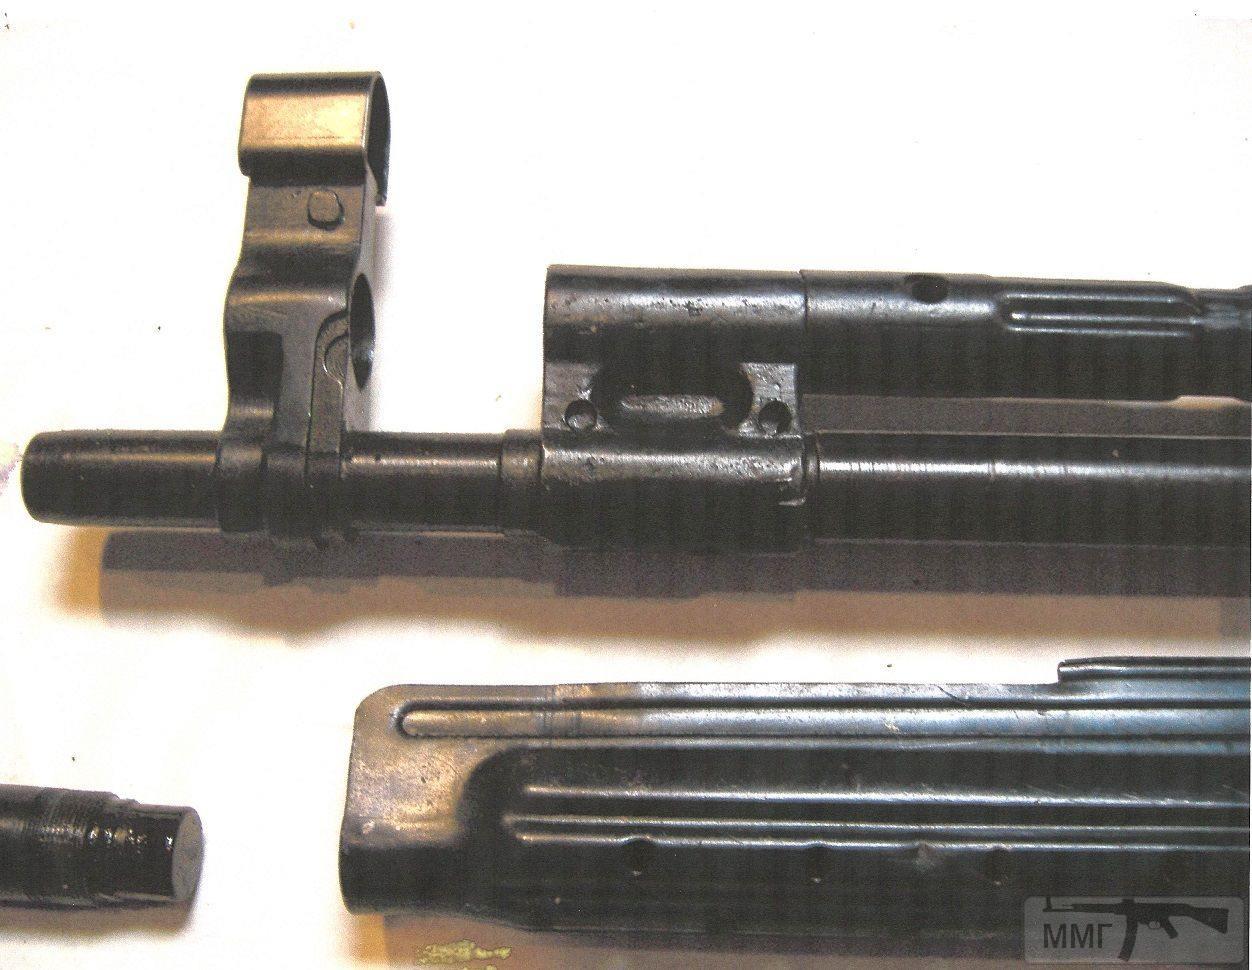 98118 - Sturmgewehr Haenel / Schmeisser MP 43MP 44 Stg.44 - прототипы, конструкция история